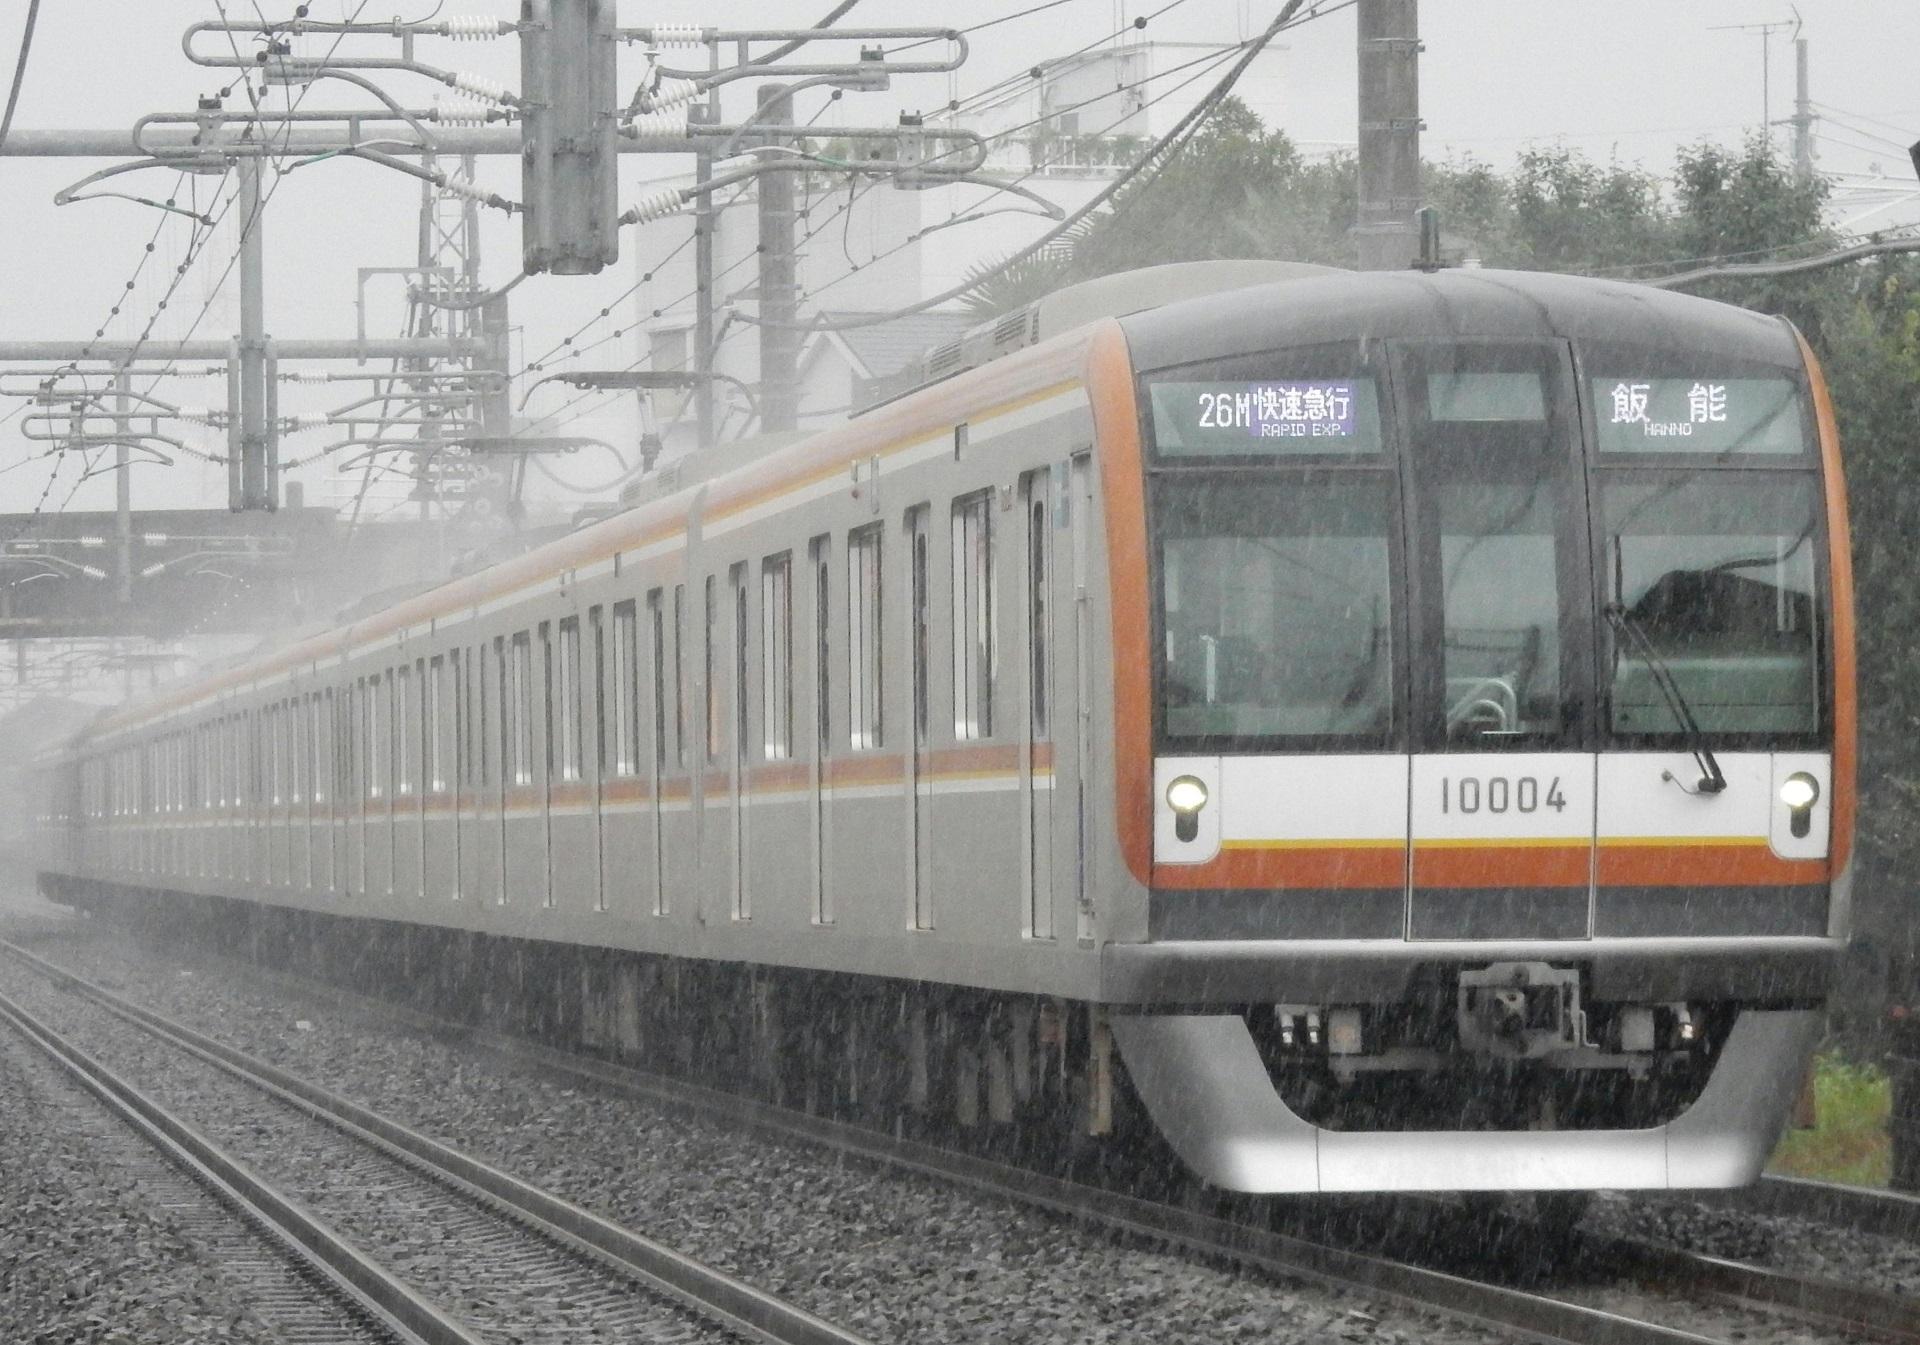 DSCN2499 - コピー